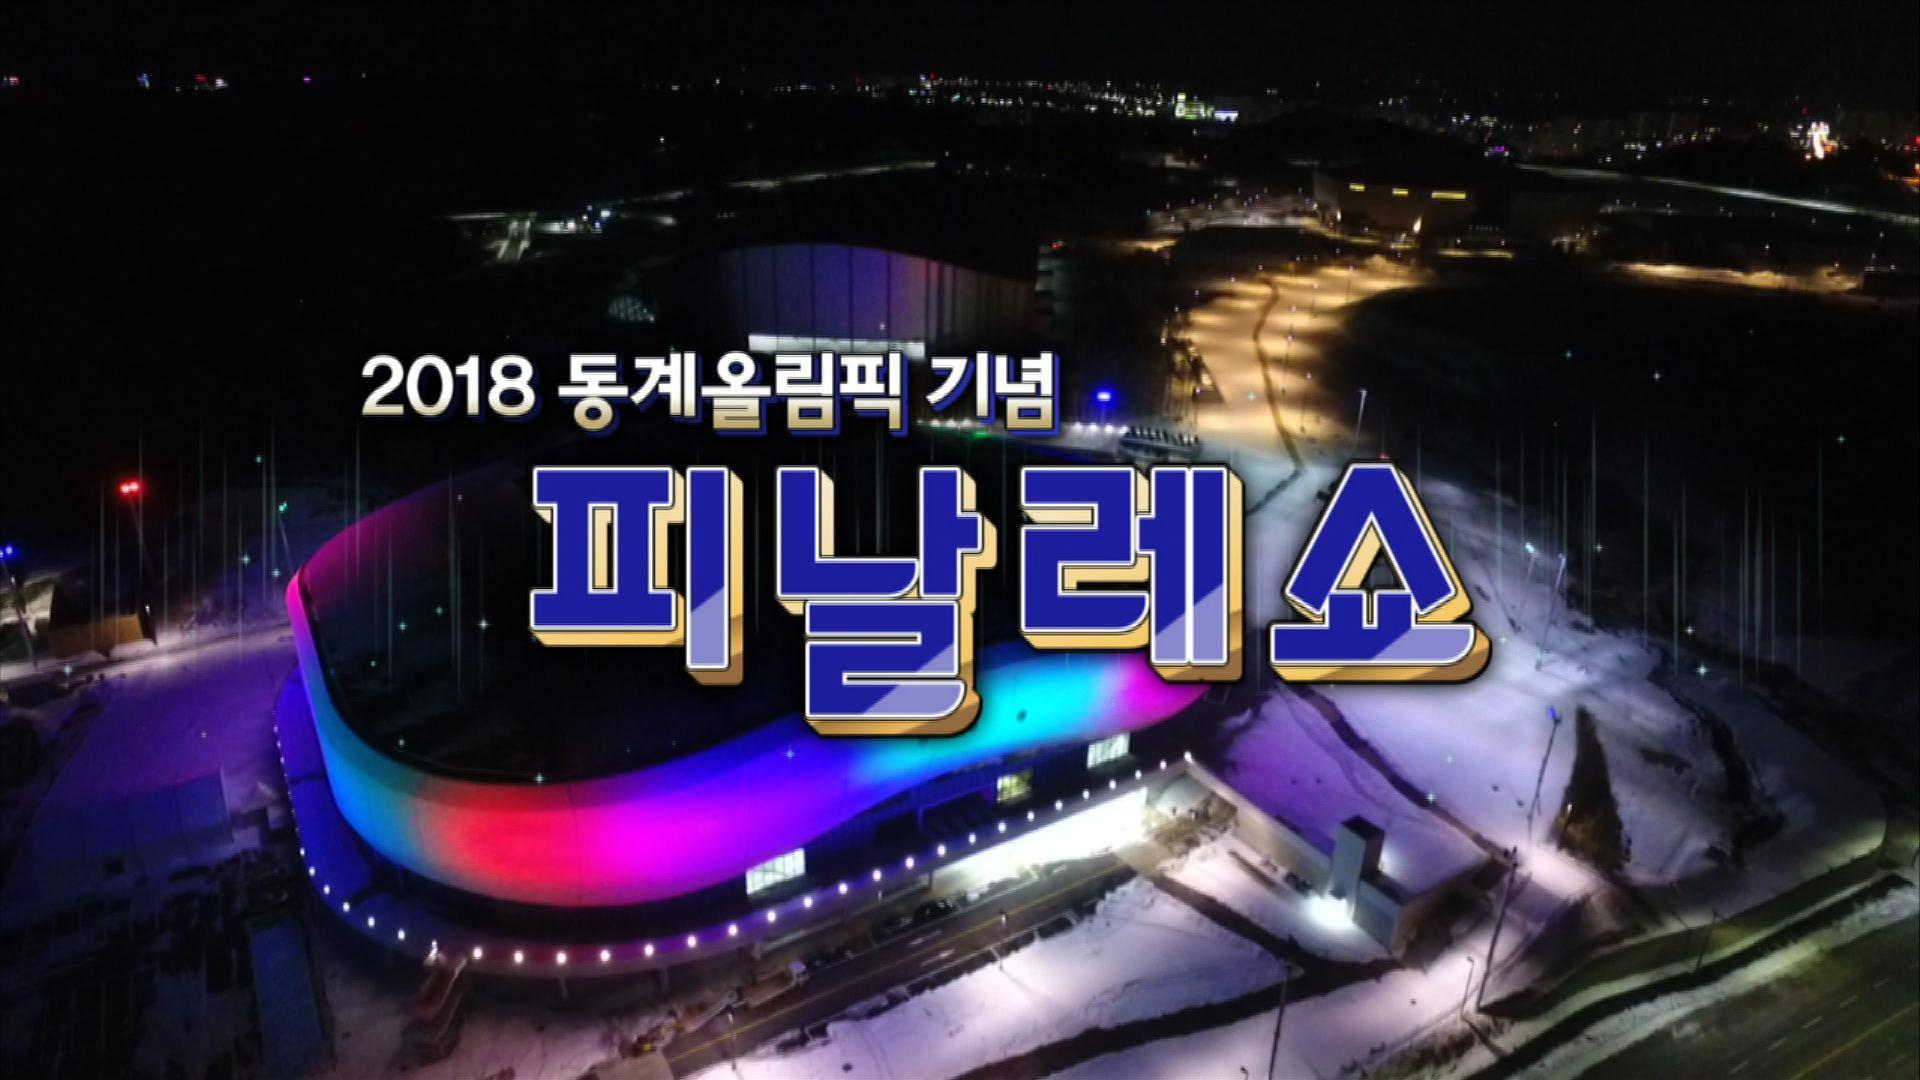 시민축하 한마음 대축제 2018강릉 피날레